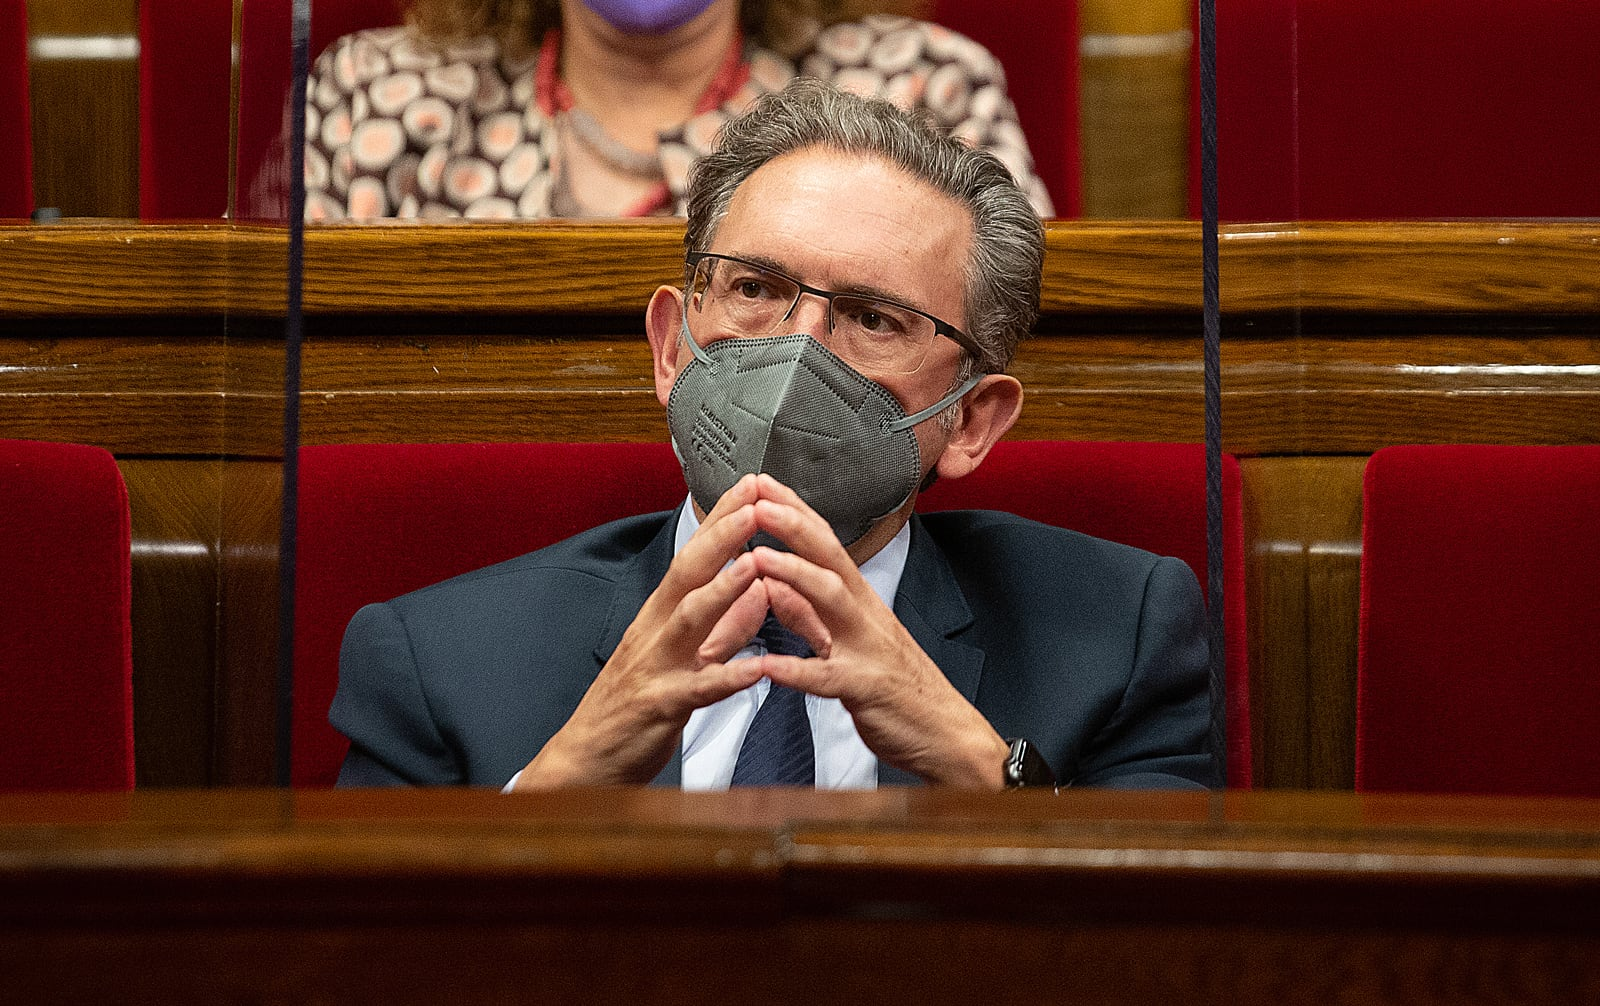 El nou conseller d'Economia de la Generalitat de Catalunya, Jaume Giró, el 2 de juny al Parlament. Fotografia de David Zorrakino. Europa Press. Getty Images.